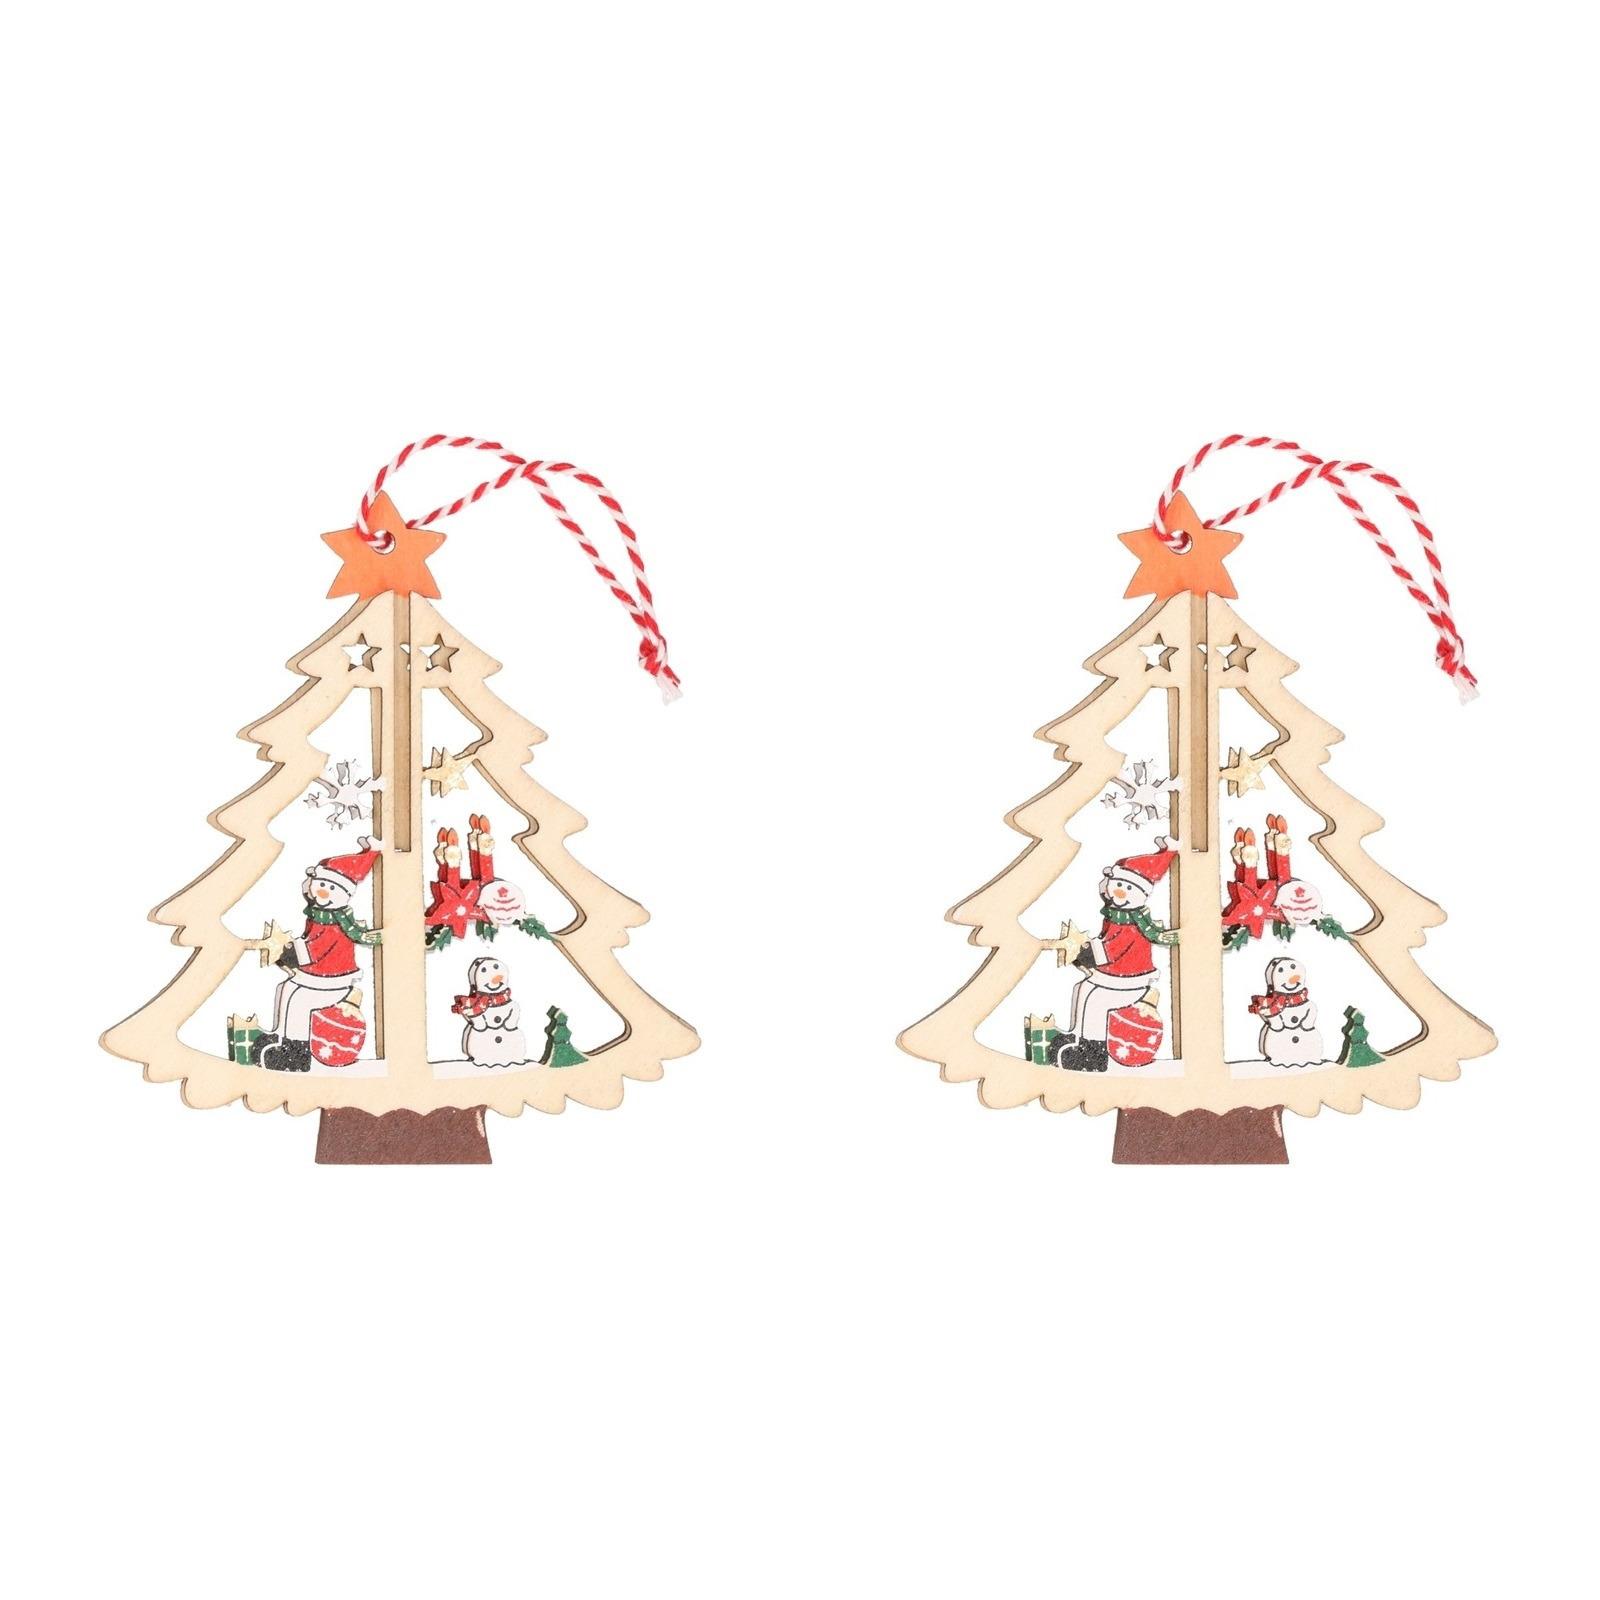 2x houten bomen met sneeuwpop kerstversiering hangdecoratie 10 cm. hout/multikleur kerstboom hangdecoratie in ...